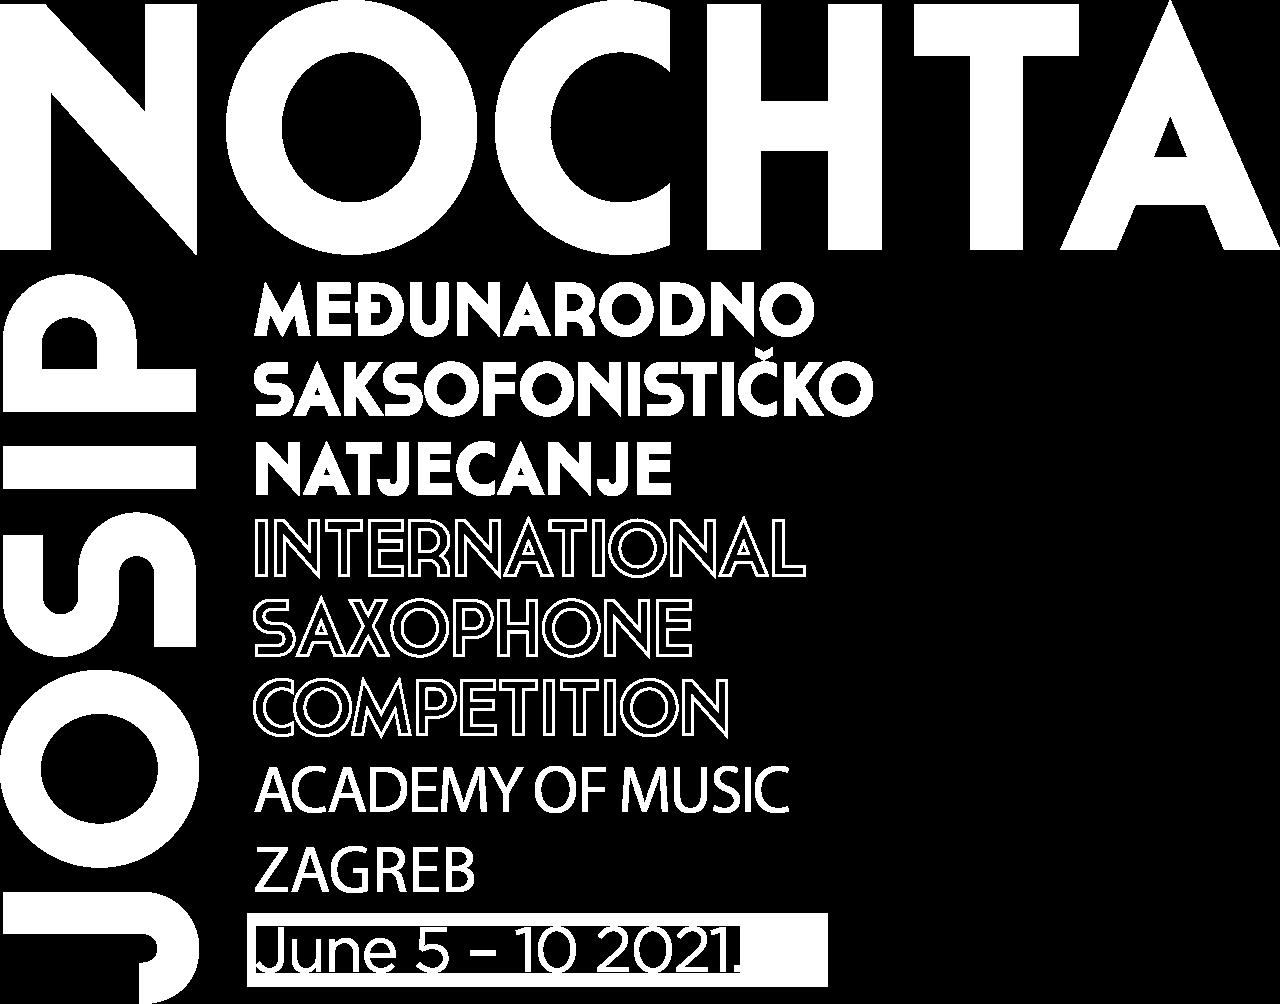 Josip Nochta međunarodno saksofonističko natjecanje logo